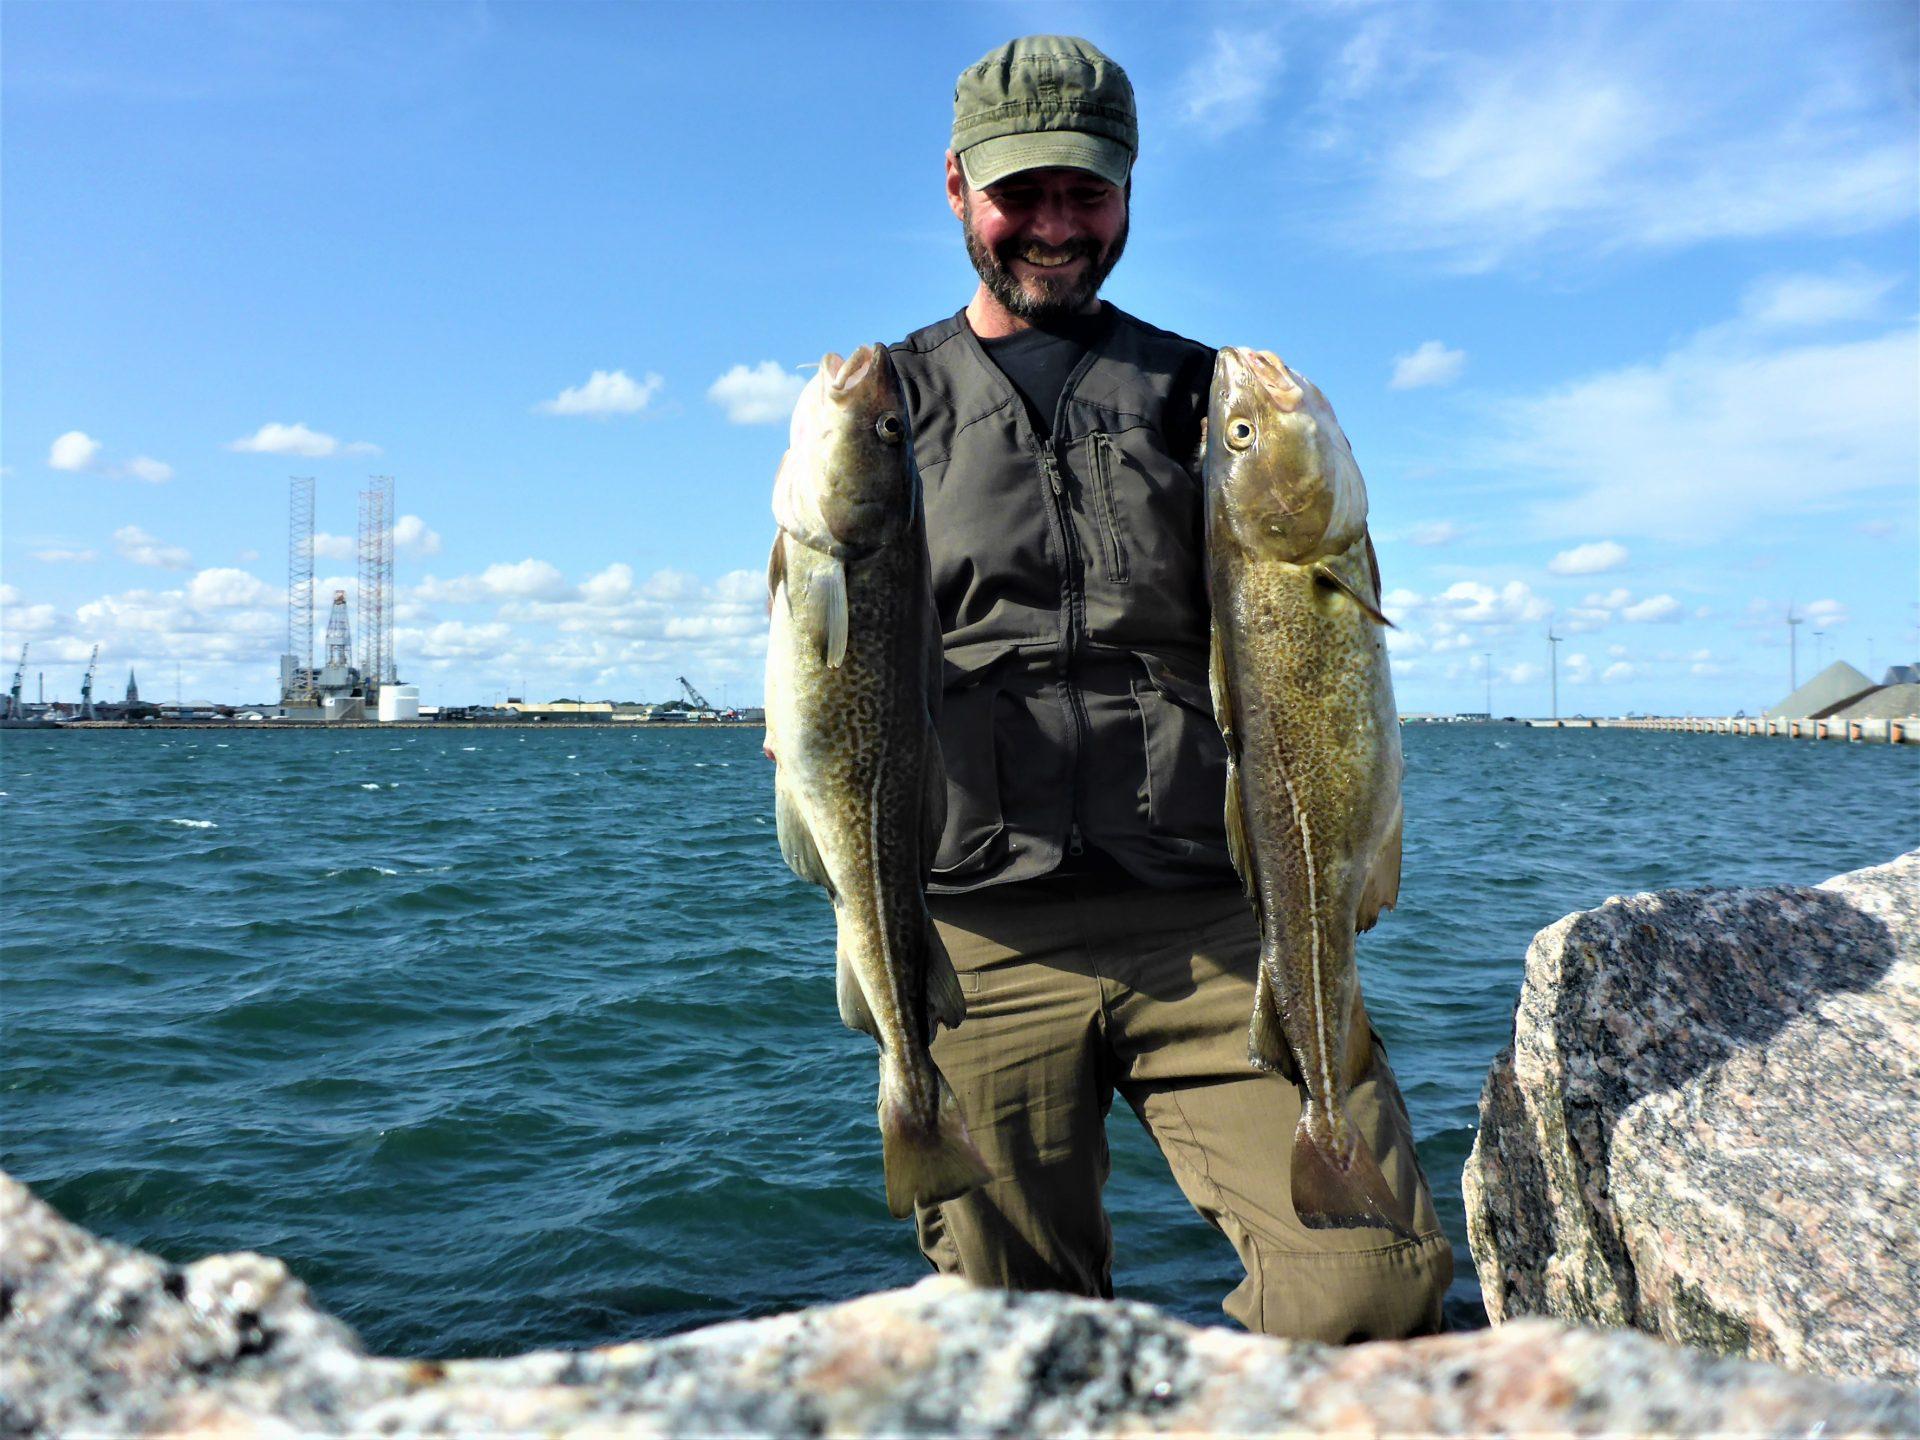 Oplev det spændende torskefiskeri i Frederikshavn.